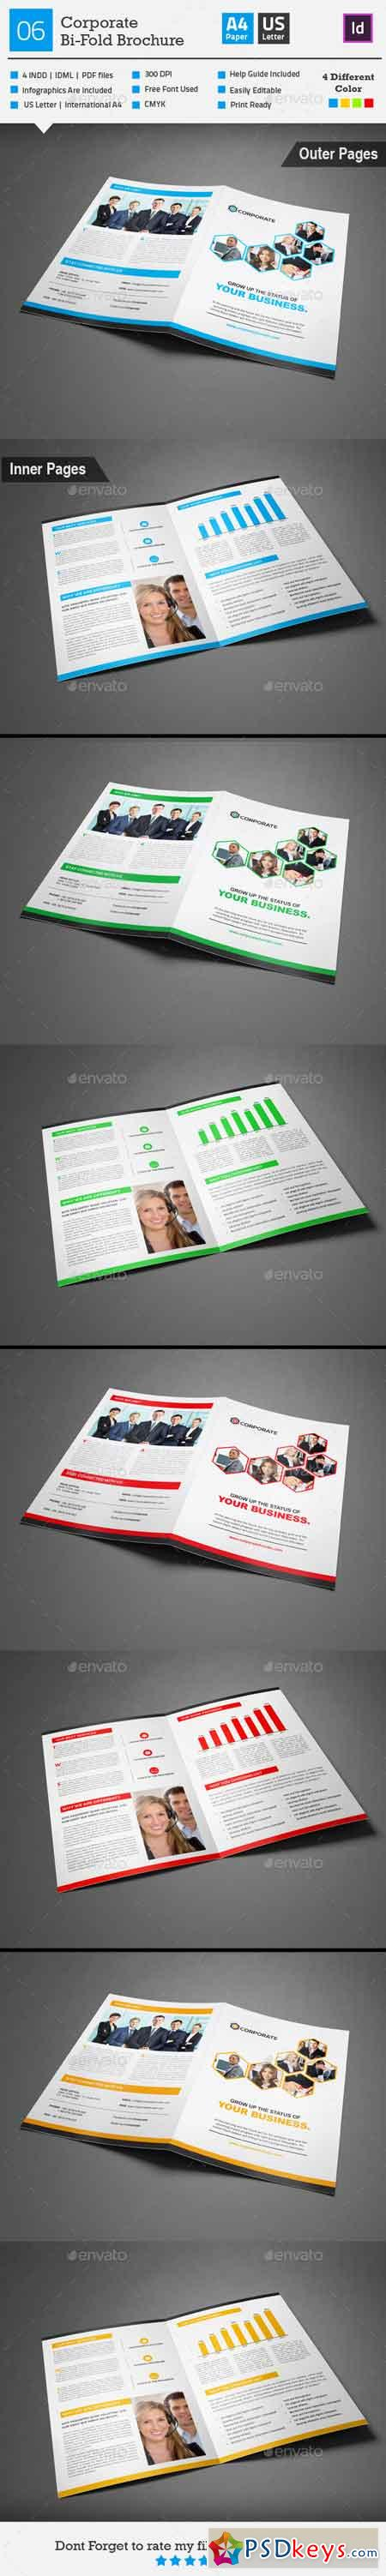 Corporate Bi-fold Brochure 06 9244660